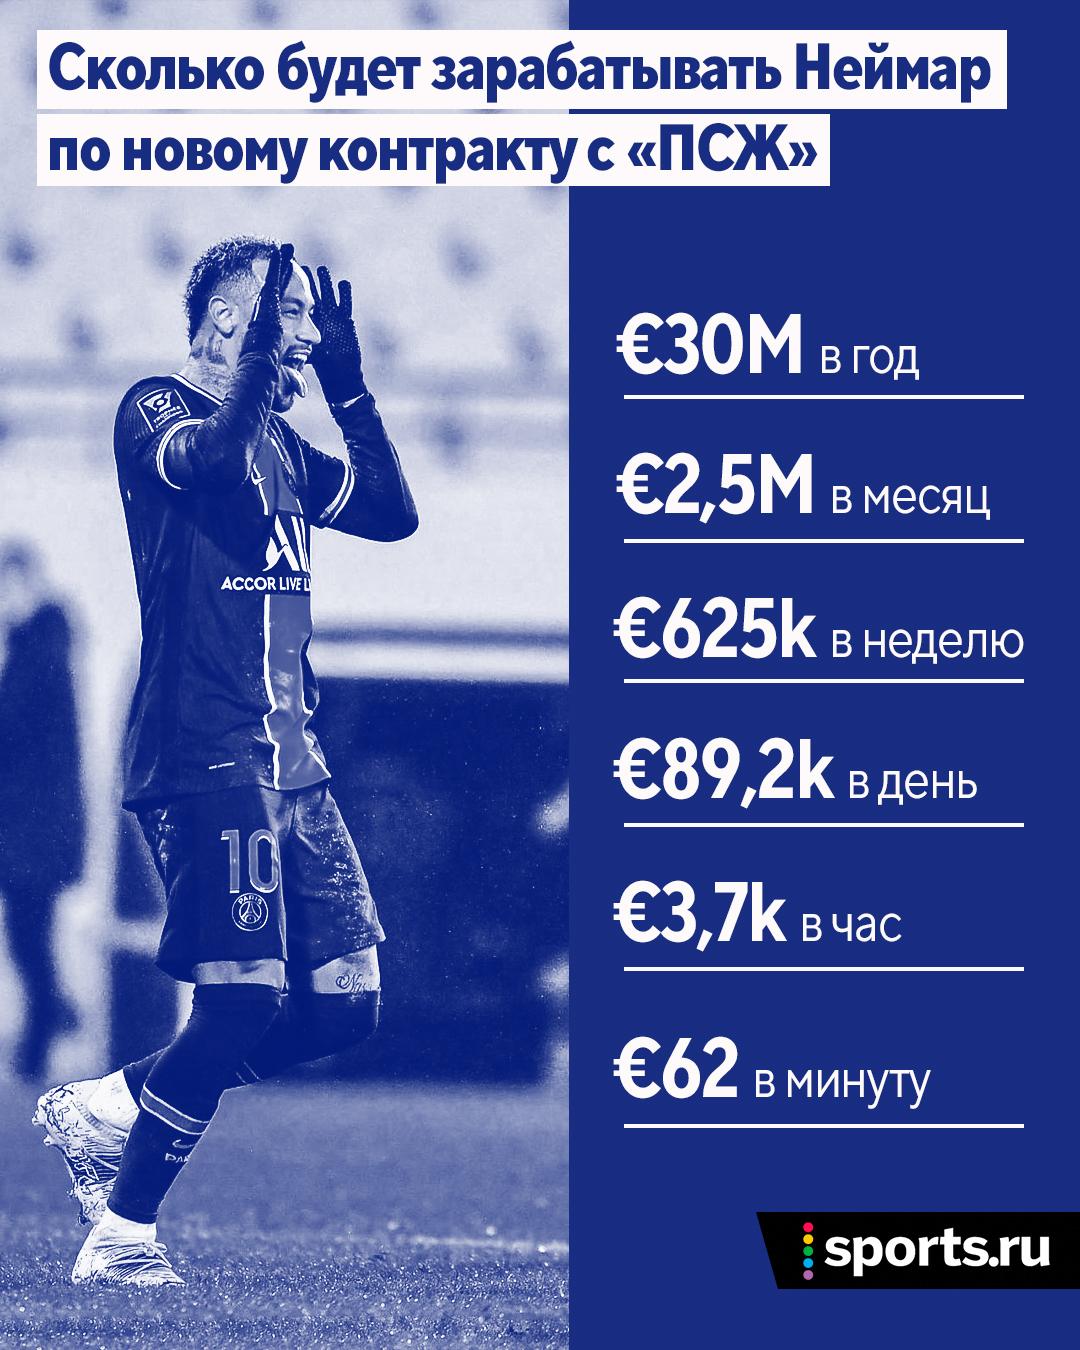 У Неймара безумная зарплата по новому контракту с «ПСЖ». Доход в день – 89 тысяч евро